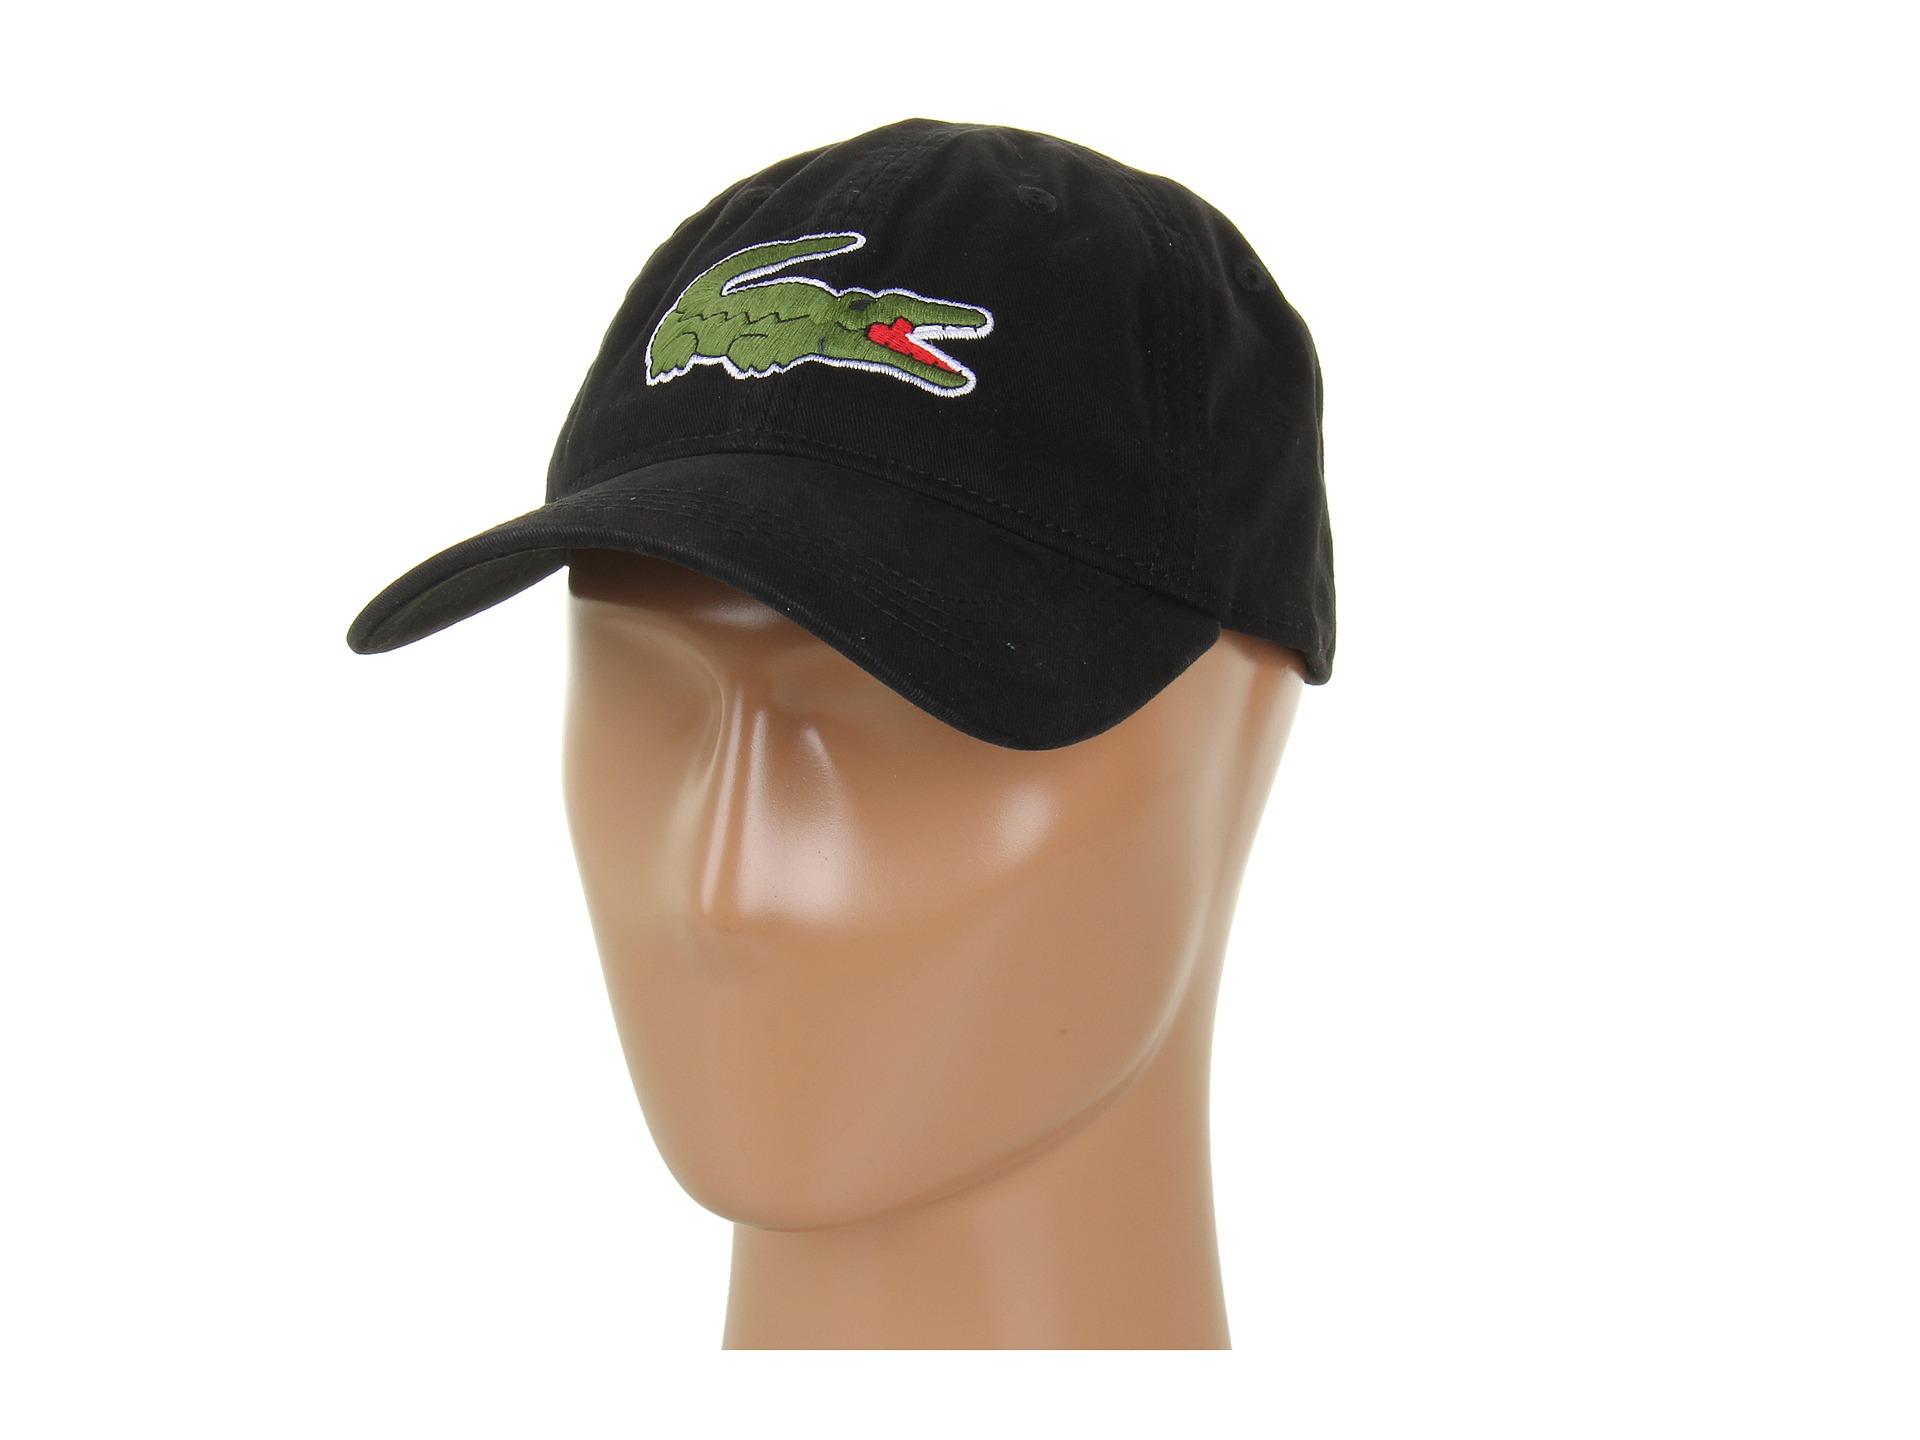 Lyst - Lacoste Large Croc Gabardine Cap in Black for Men c62eb9849ae